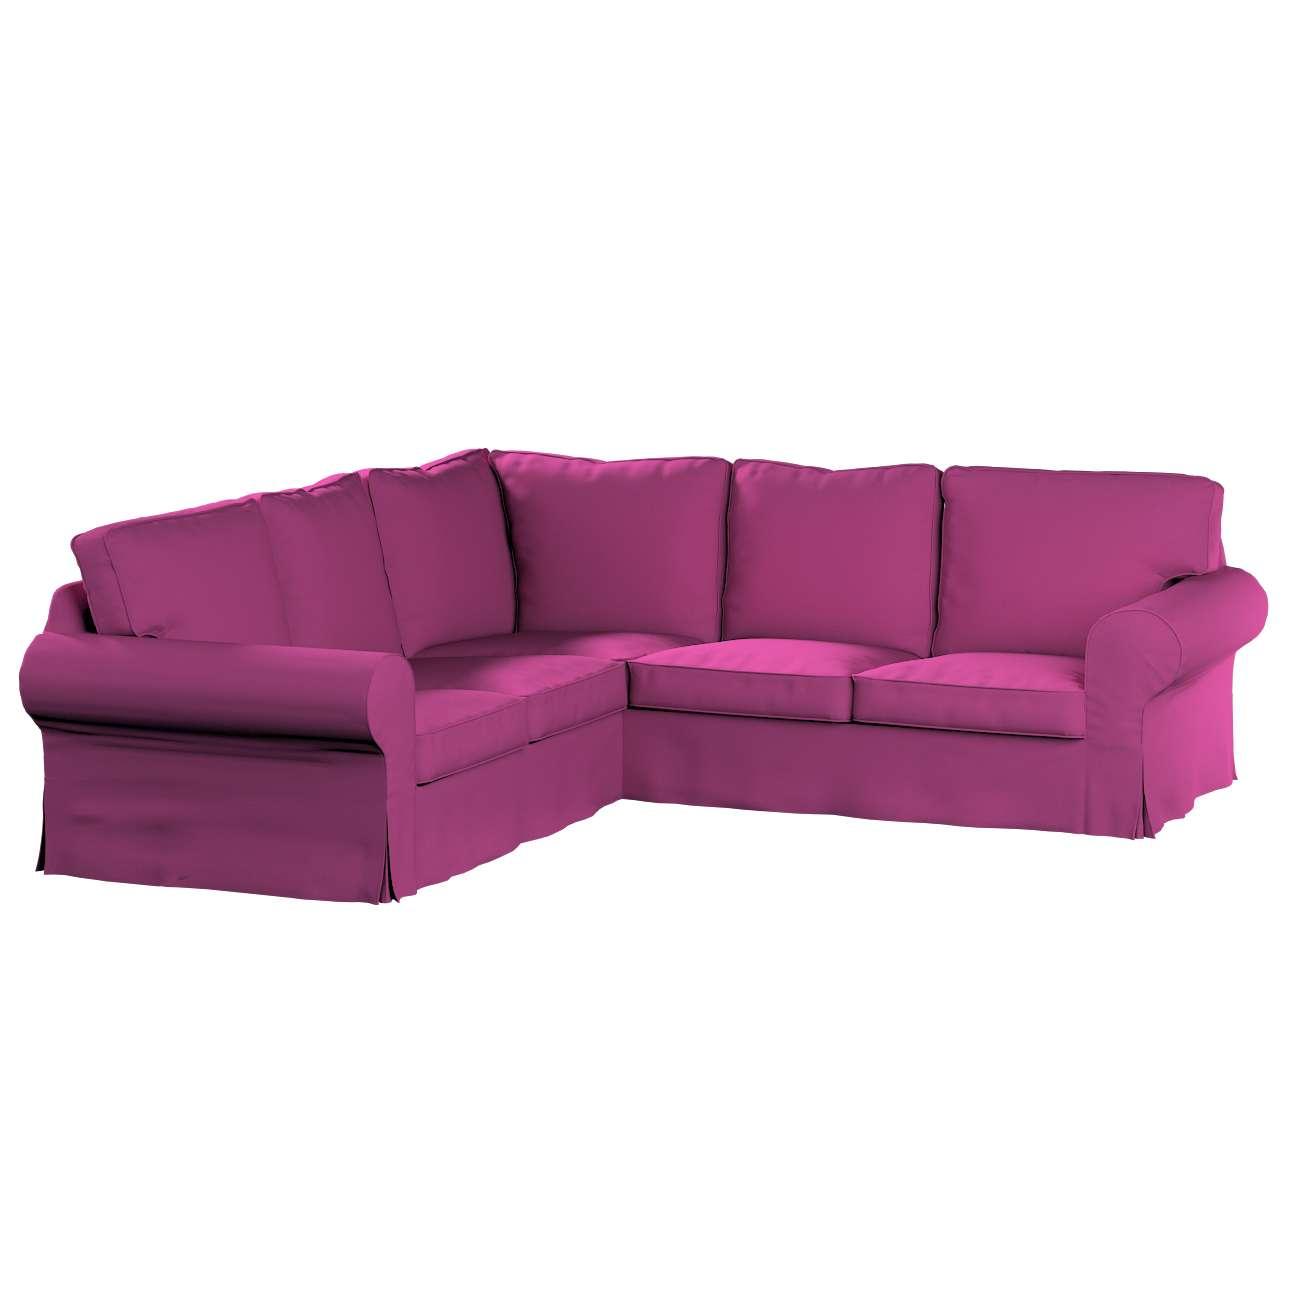 Pokrowiec na sofę Ektorp narożną Sofa Ektorp narożna w kolekcji Etna , tkanina: 705-23